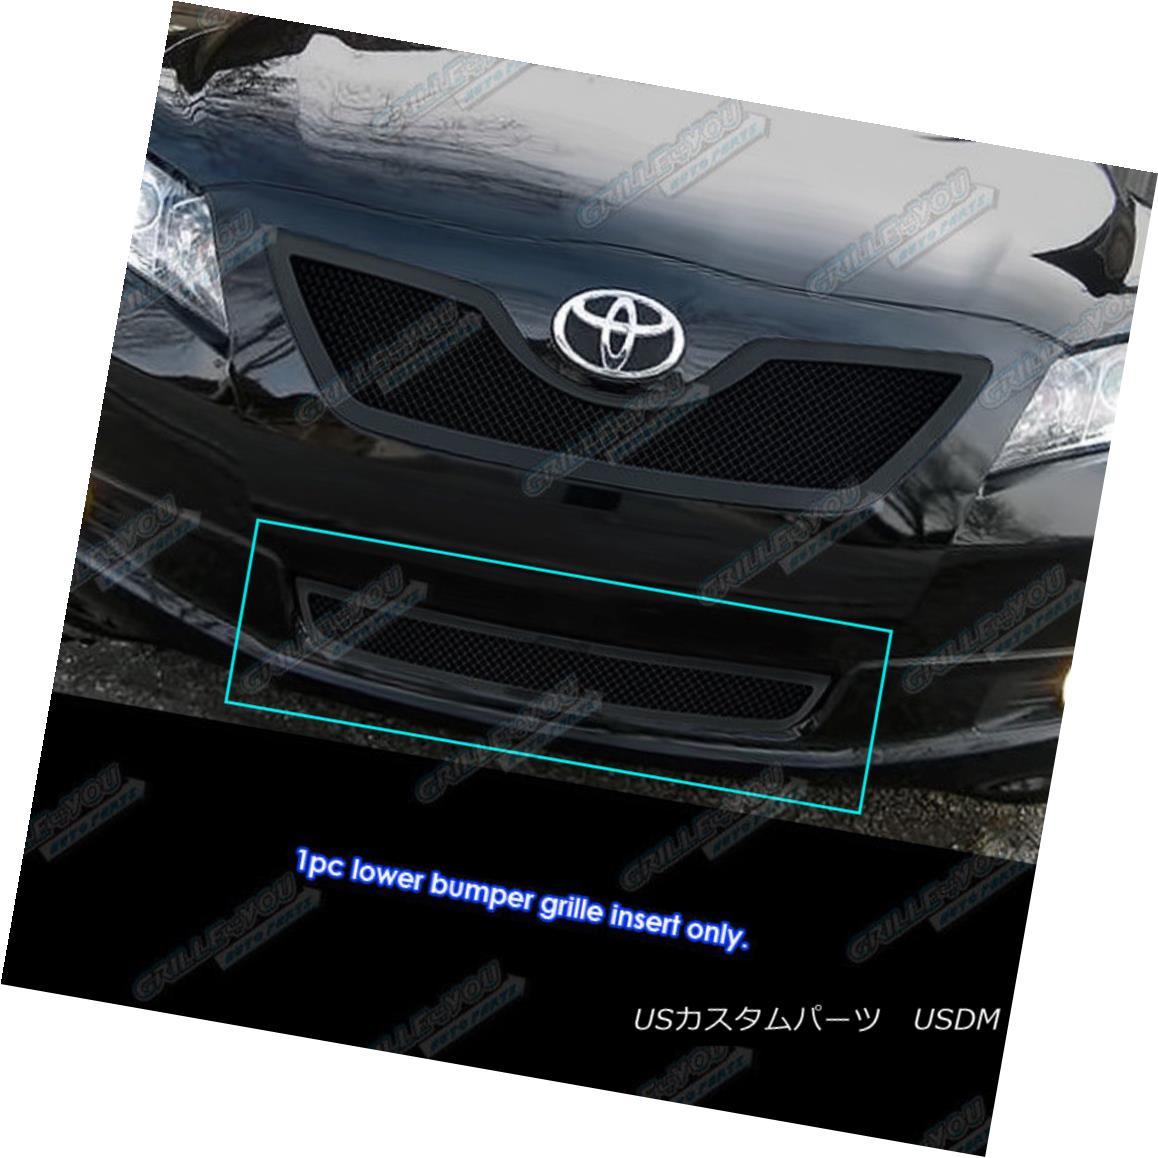 グリル 2007-2009 Toyota Camry Bumper Black Stainless Steel Mesh Grille Grill Insert 2007-2009トヨタカムリバンパーブラックステンレスメッシュグリルグリルインサート